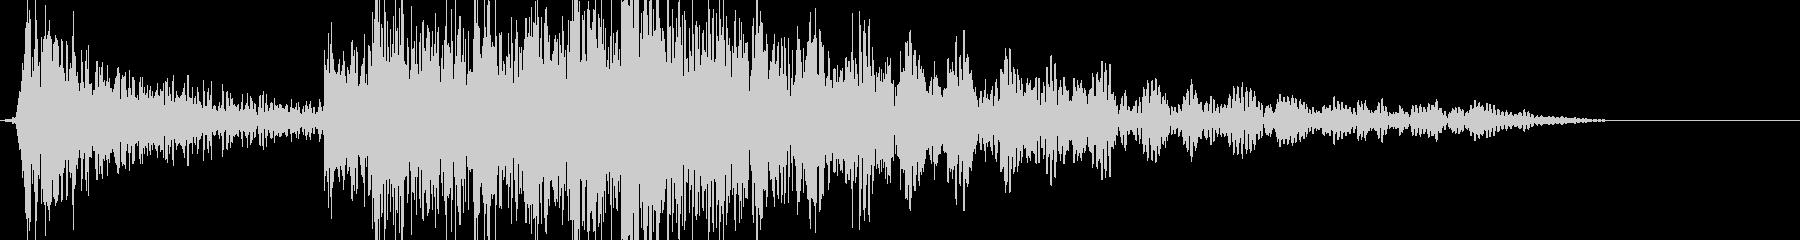 ドンドンくる低音の数の未再生の波形